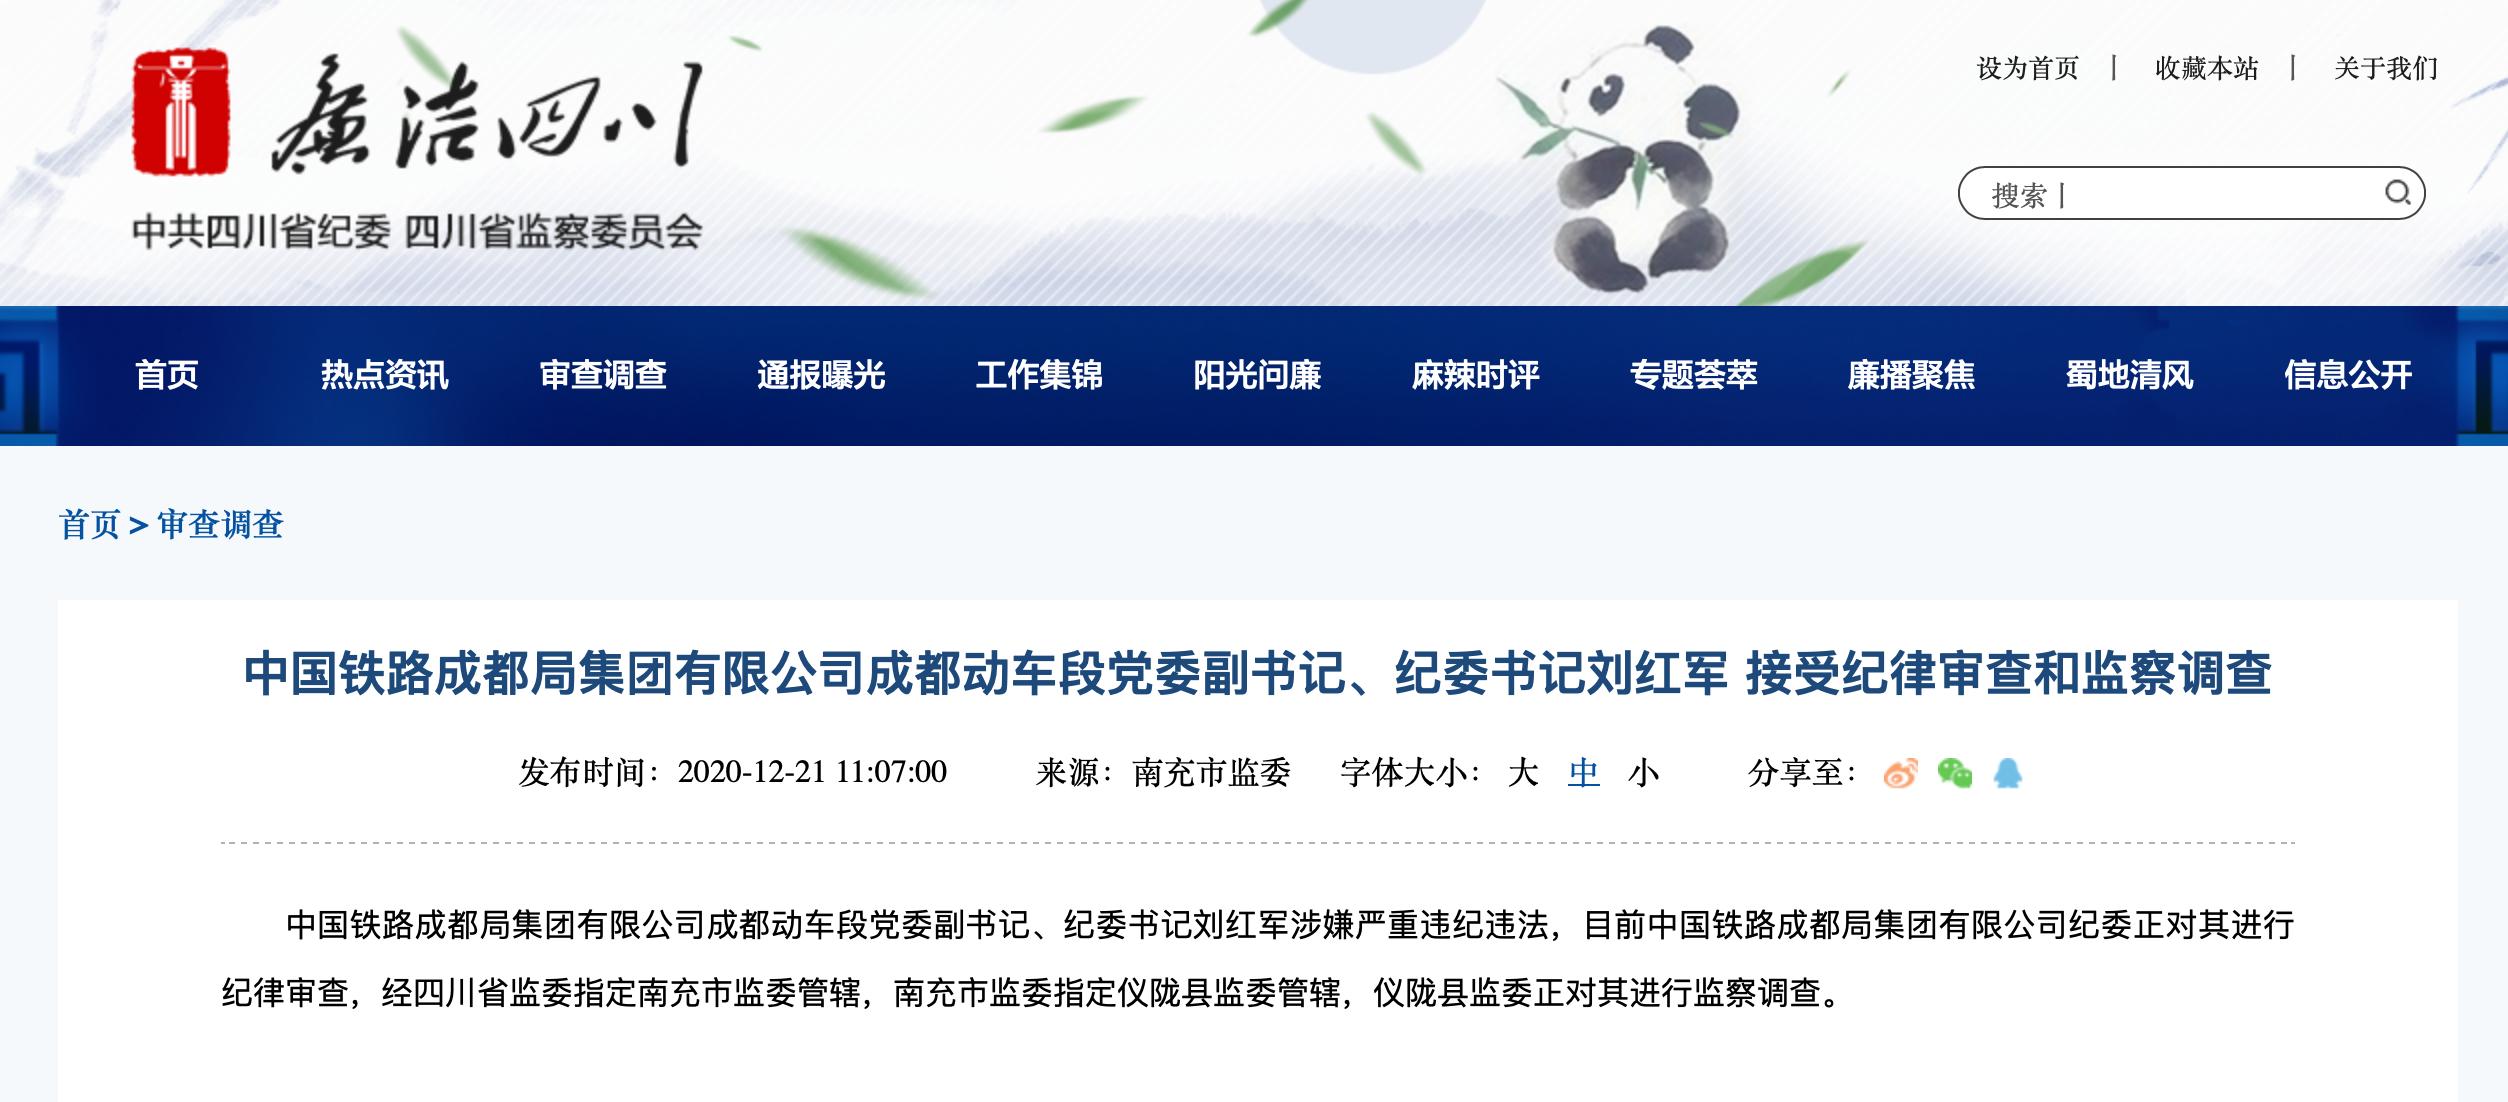 《【摩登2在线平台】中国铁路成都局集团有限公司成都动车段党委副书记、纪委书记刘红军,涉嫌严重违纪违法被查》